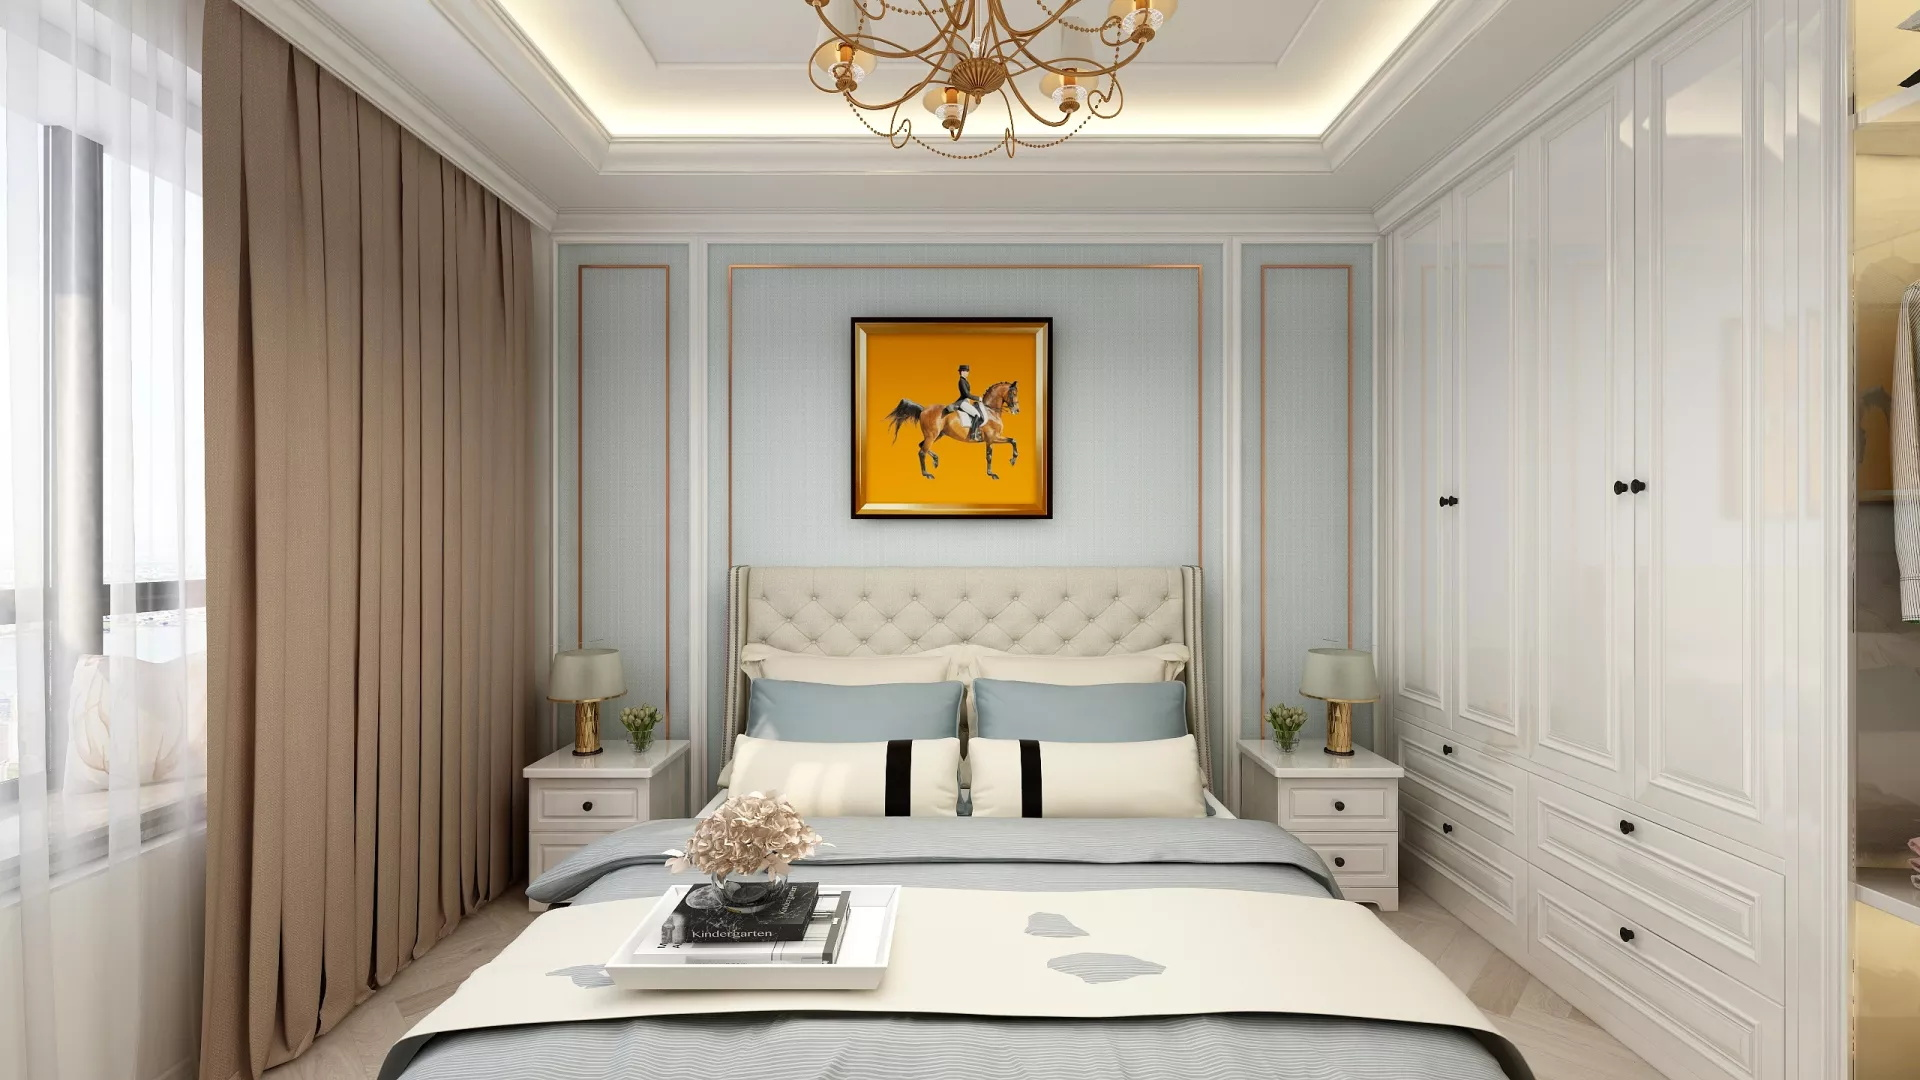 卧室飘窗窗帘怎么设计 有飘窗的卧室怎么安装窗帘